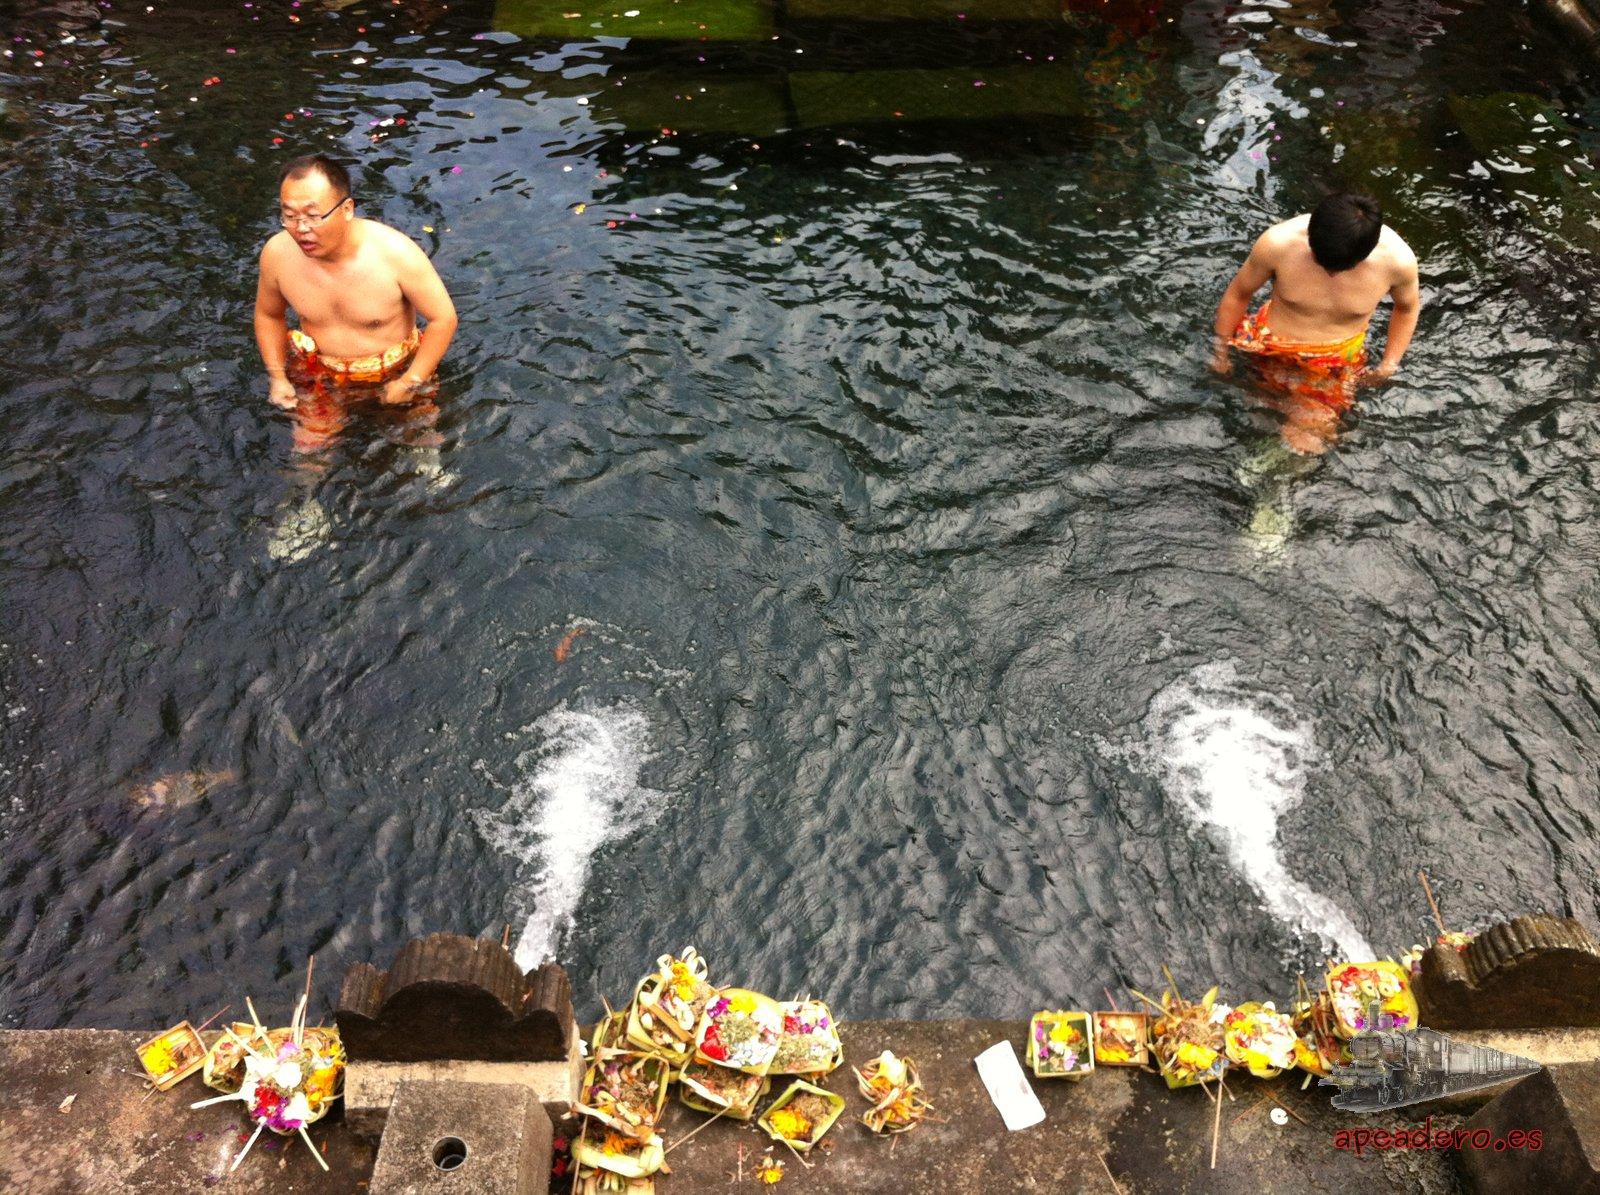 En algunos templos como en Tirta Empul sí vale la pena entrar, en muchos otros con mirar desde fuera es suficiente. En este puedes bañarte en las fuentes sagradas si quieres.